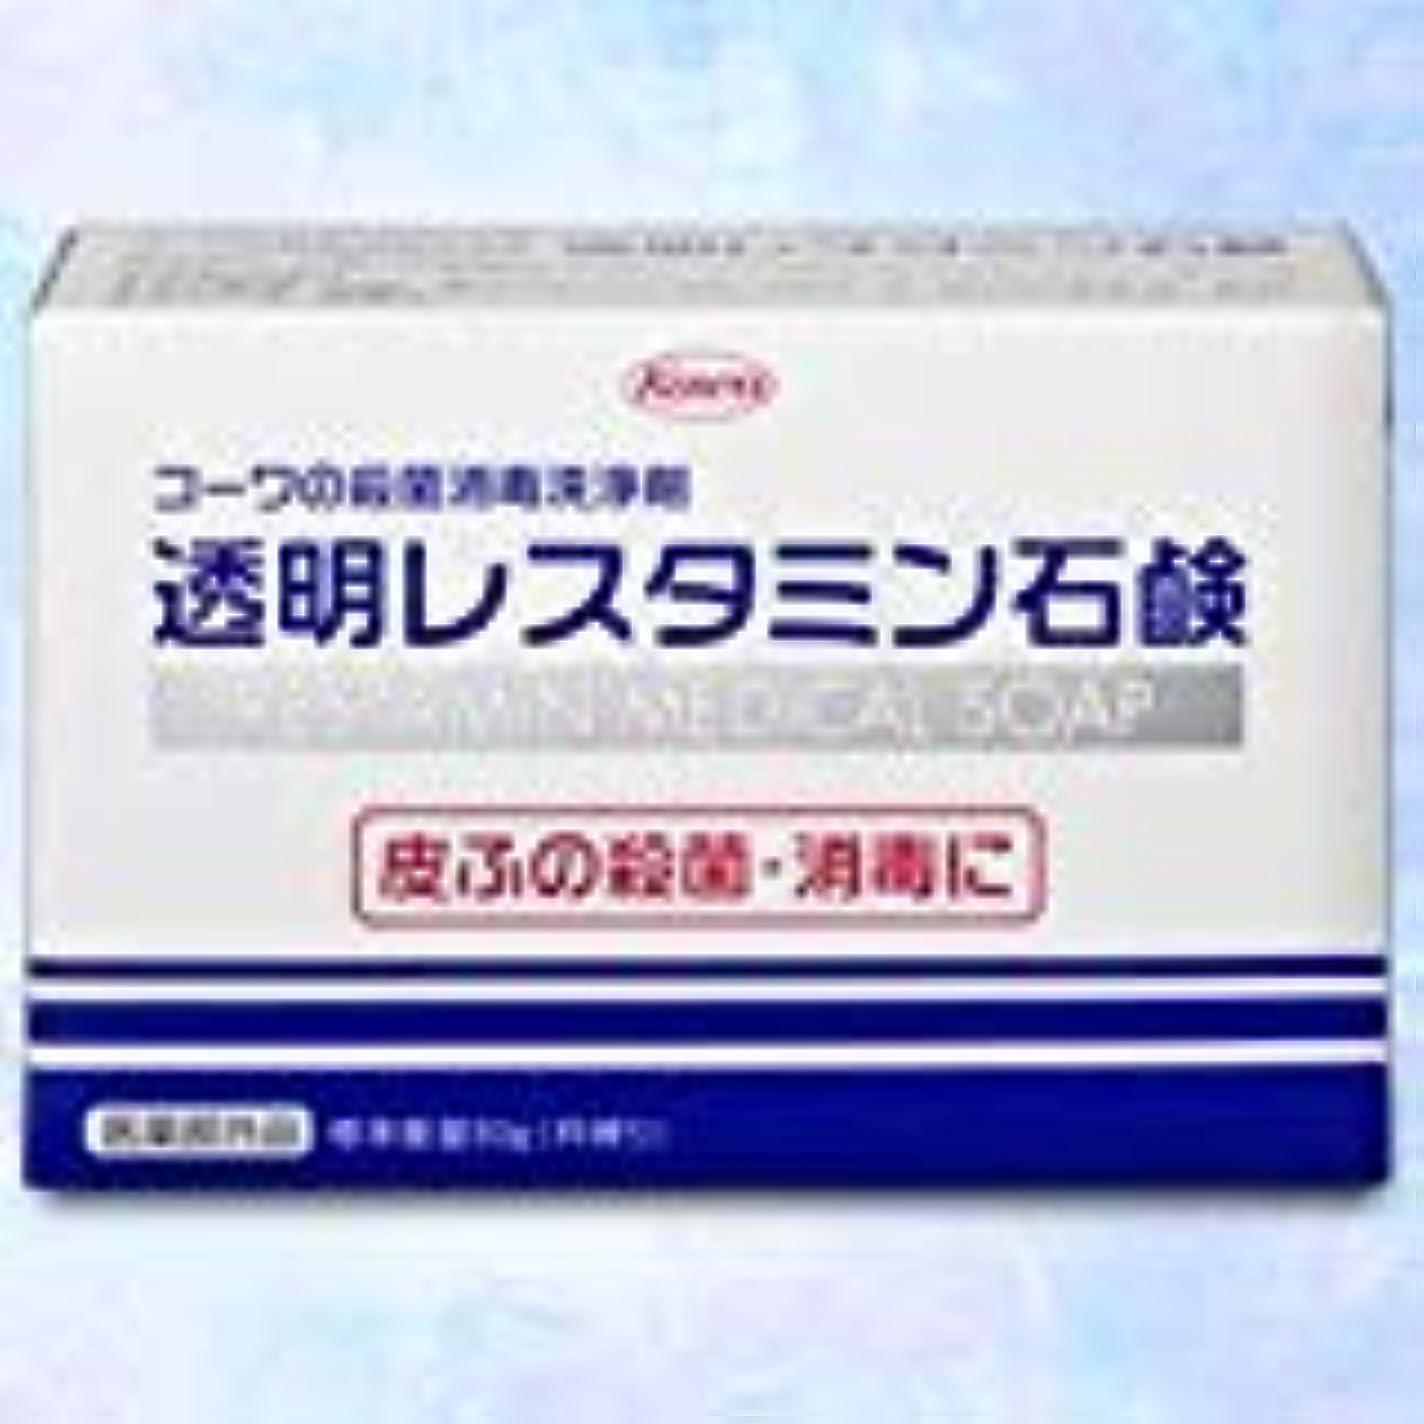 高度微妙生じる【興和】コーワの殺菌消毒洗浄剤「透明レスタミン石鹸」80g(医薬部外品) ×5個セット